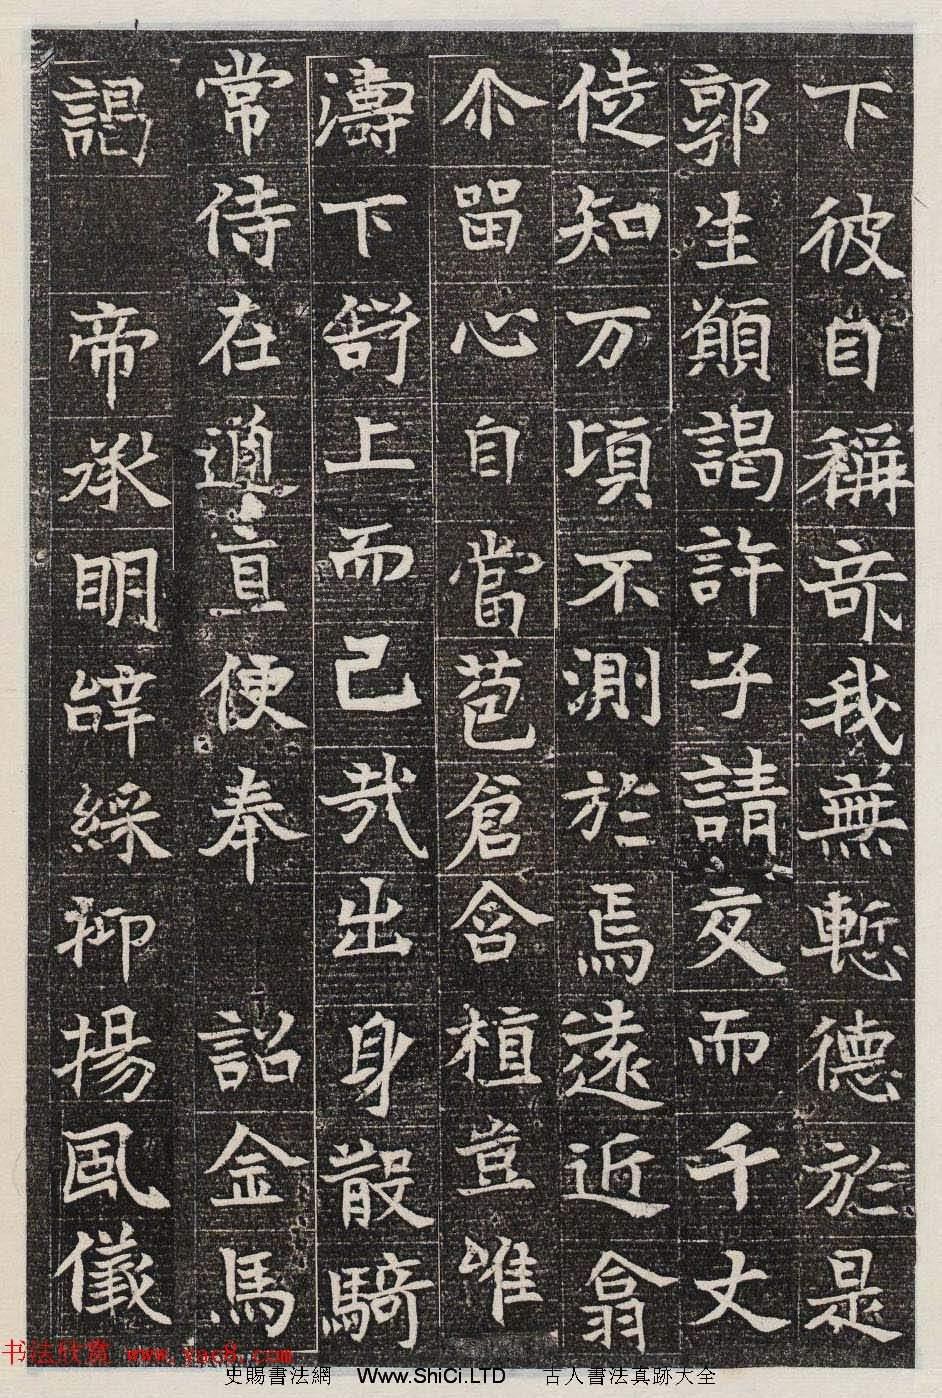 東魏書法石刻欣賞《淮南王墓誌銘》高清本